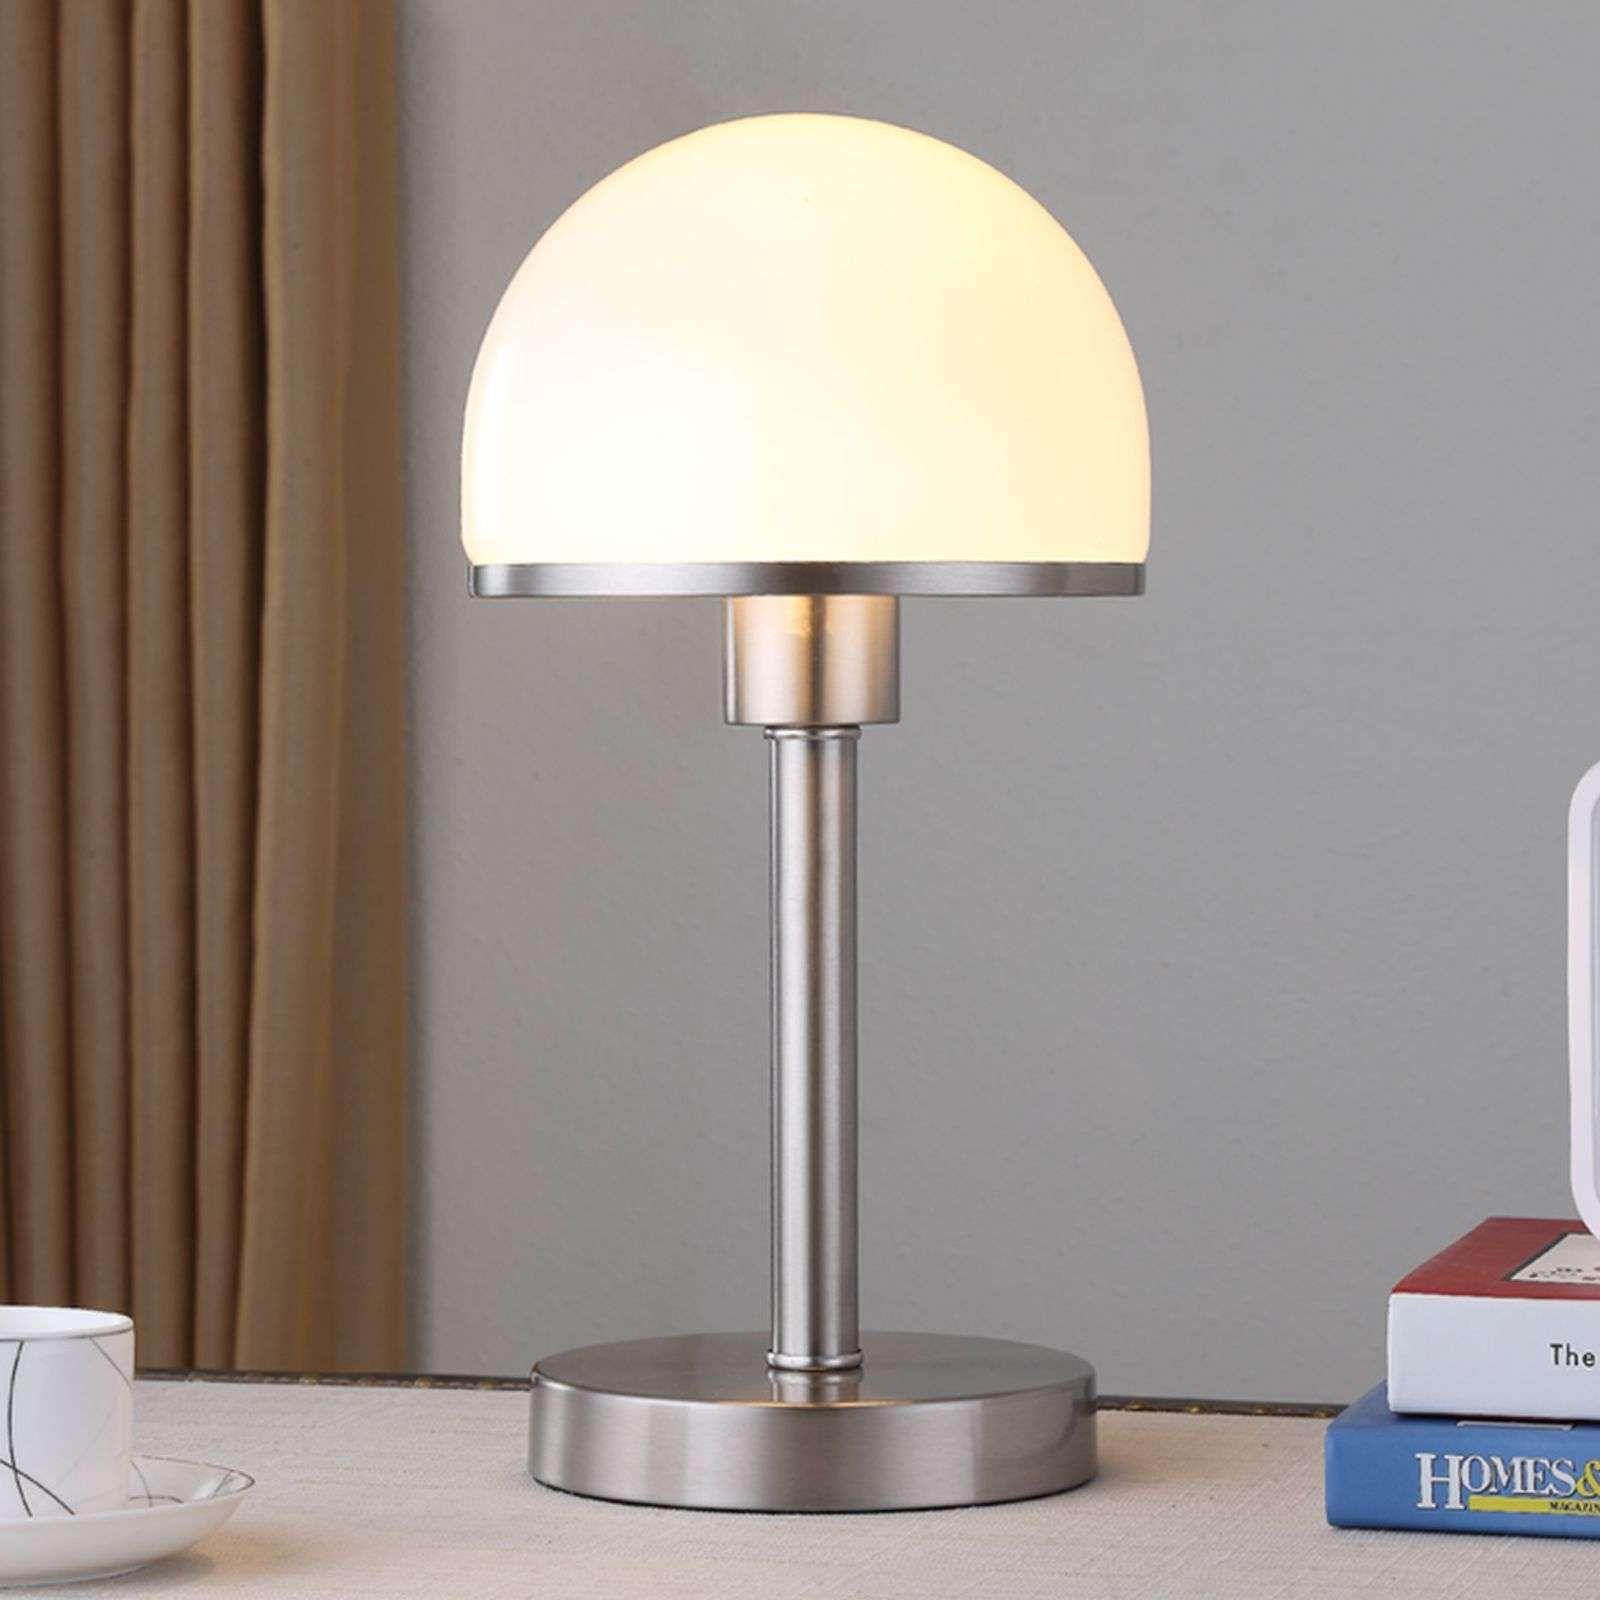 Stijlvolle Tafellamp Jolie Met Glazen Kap Van Lindby In 2020 Tafellamp Binnenverlichting Bureaulamp